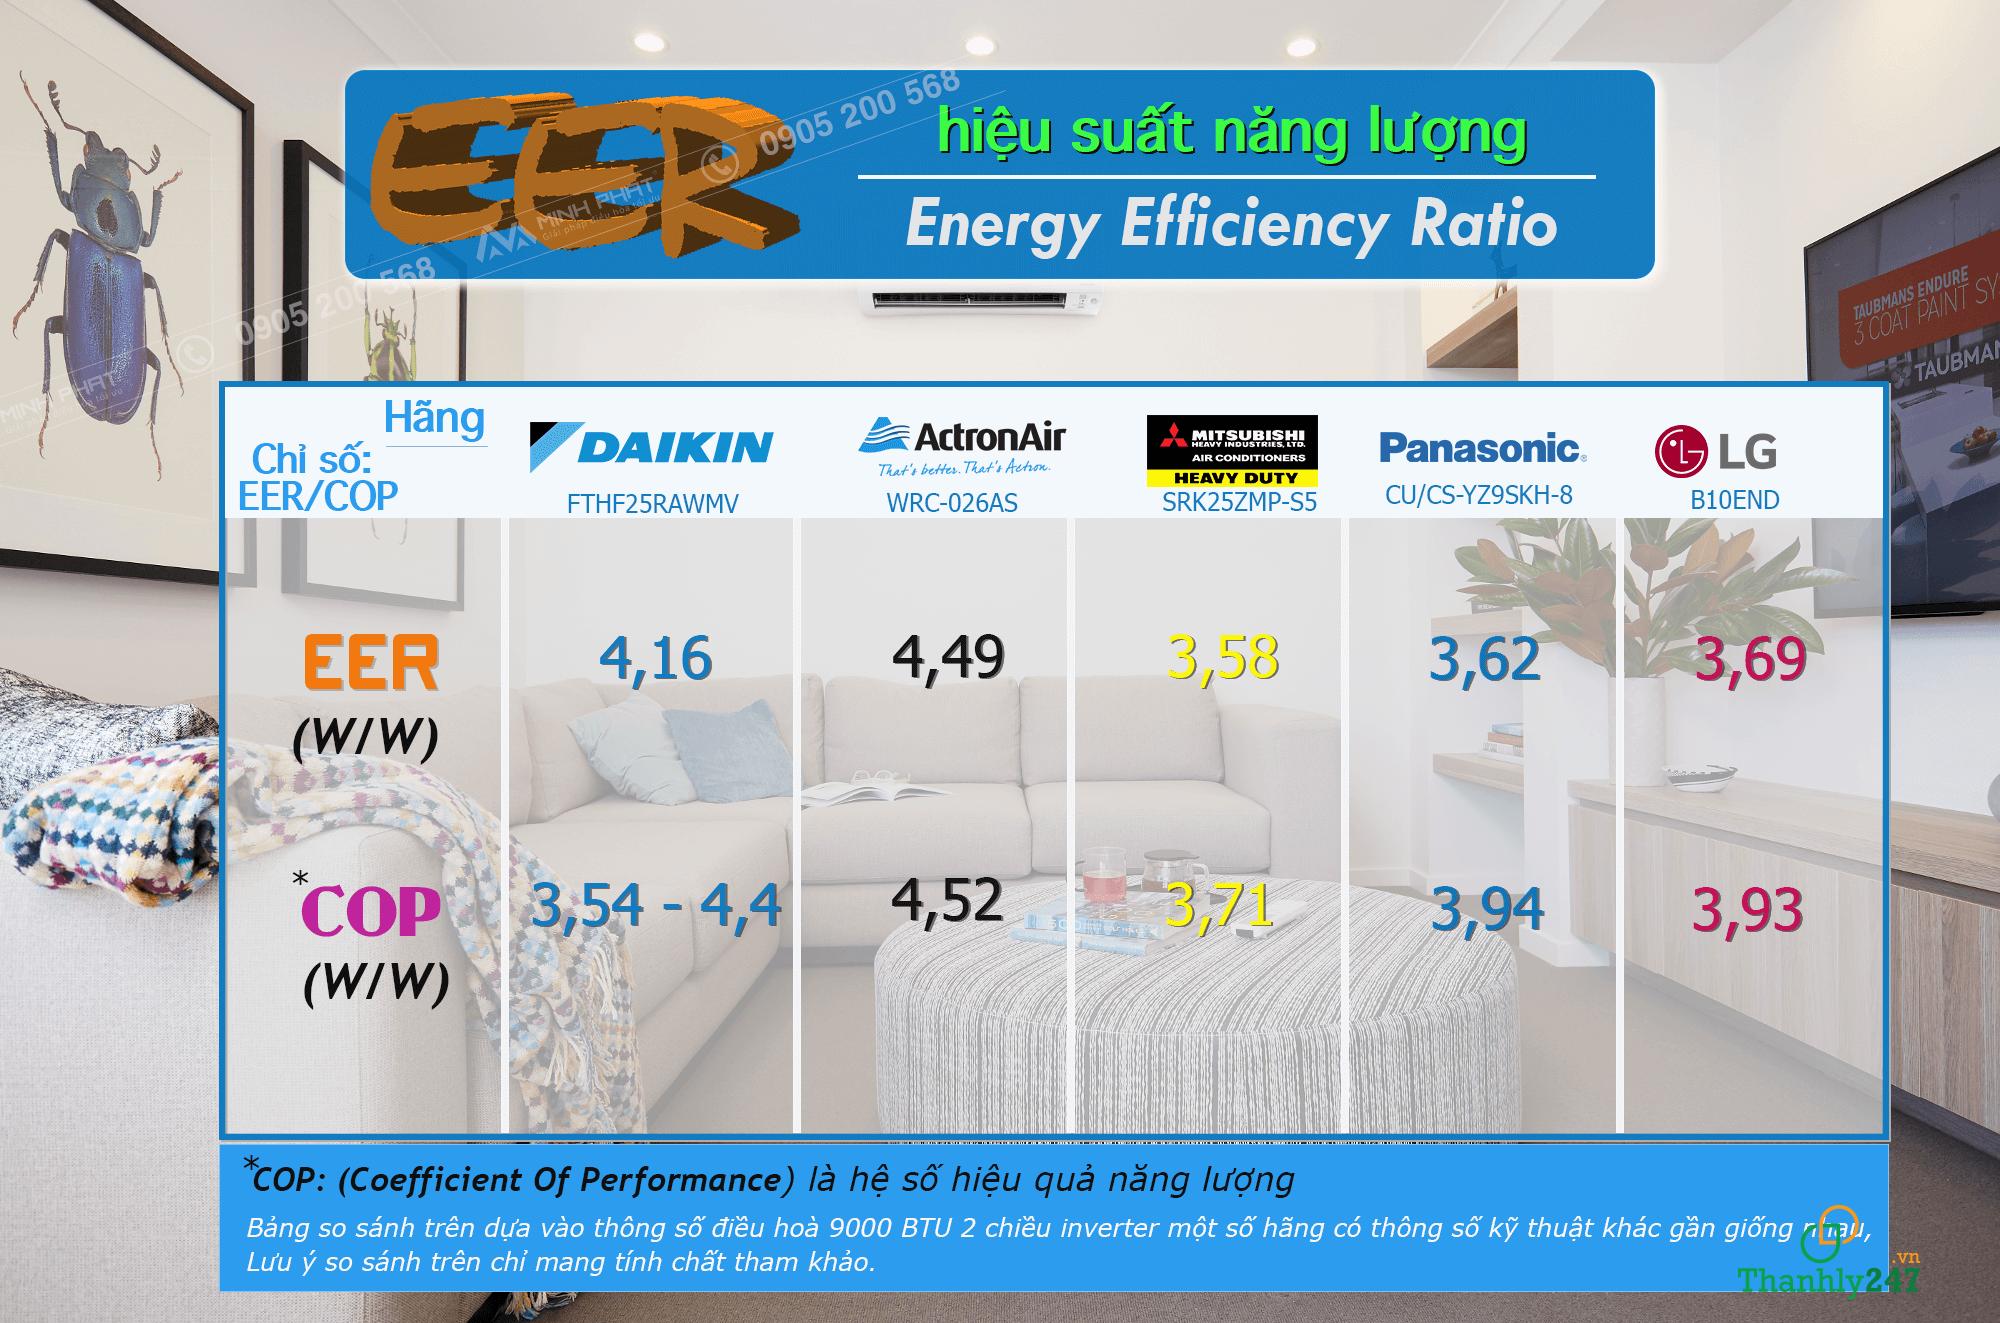 Chỉ số EER – chỉ số hiệu suất năng lượng máy lạnh mang lại những lợi ích gì?